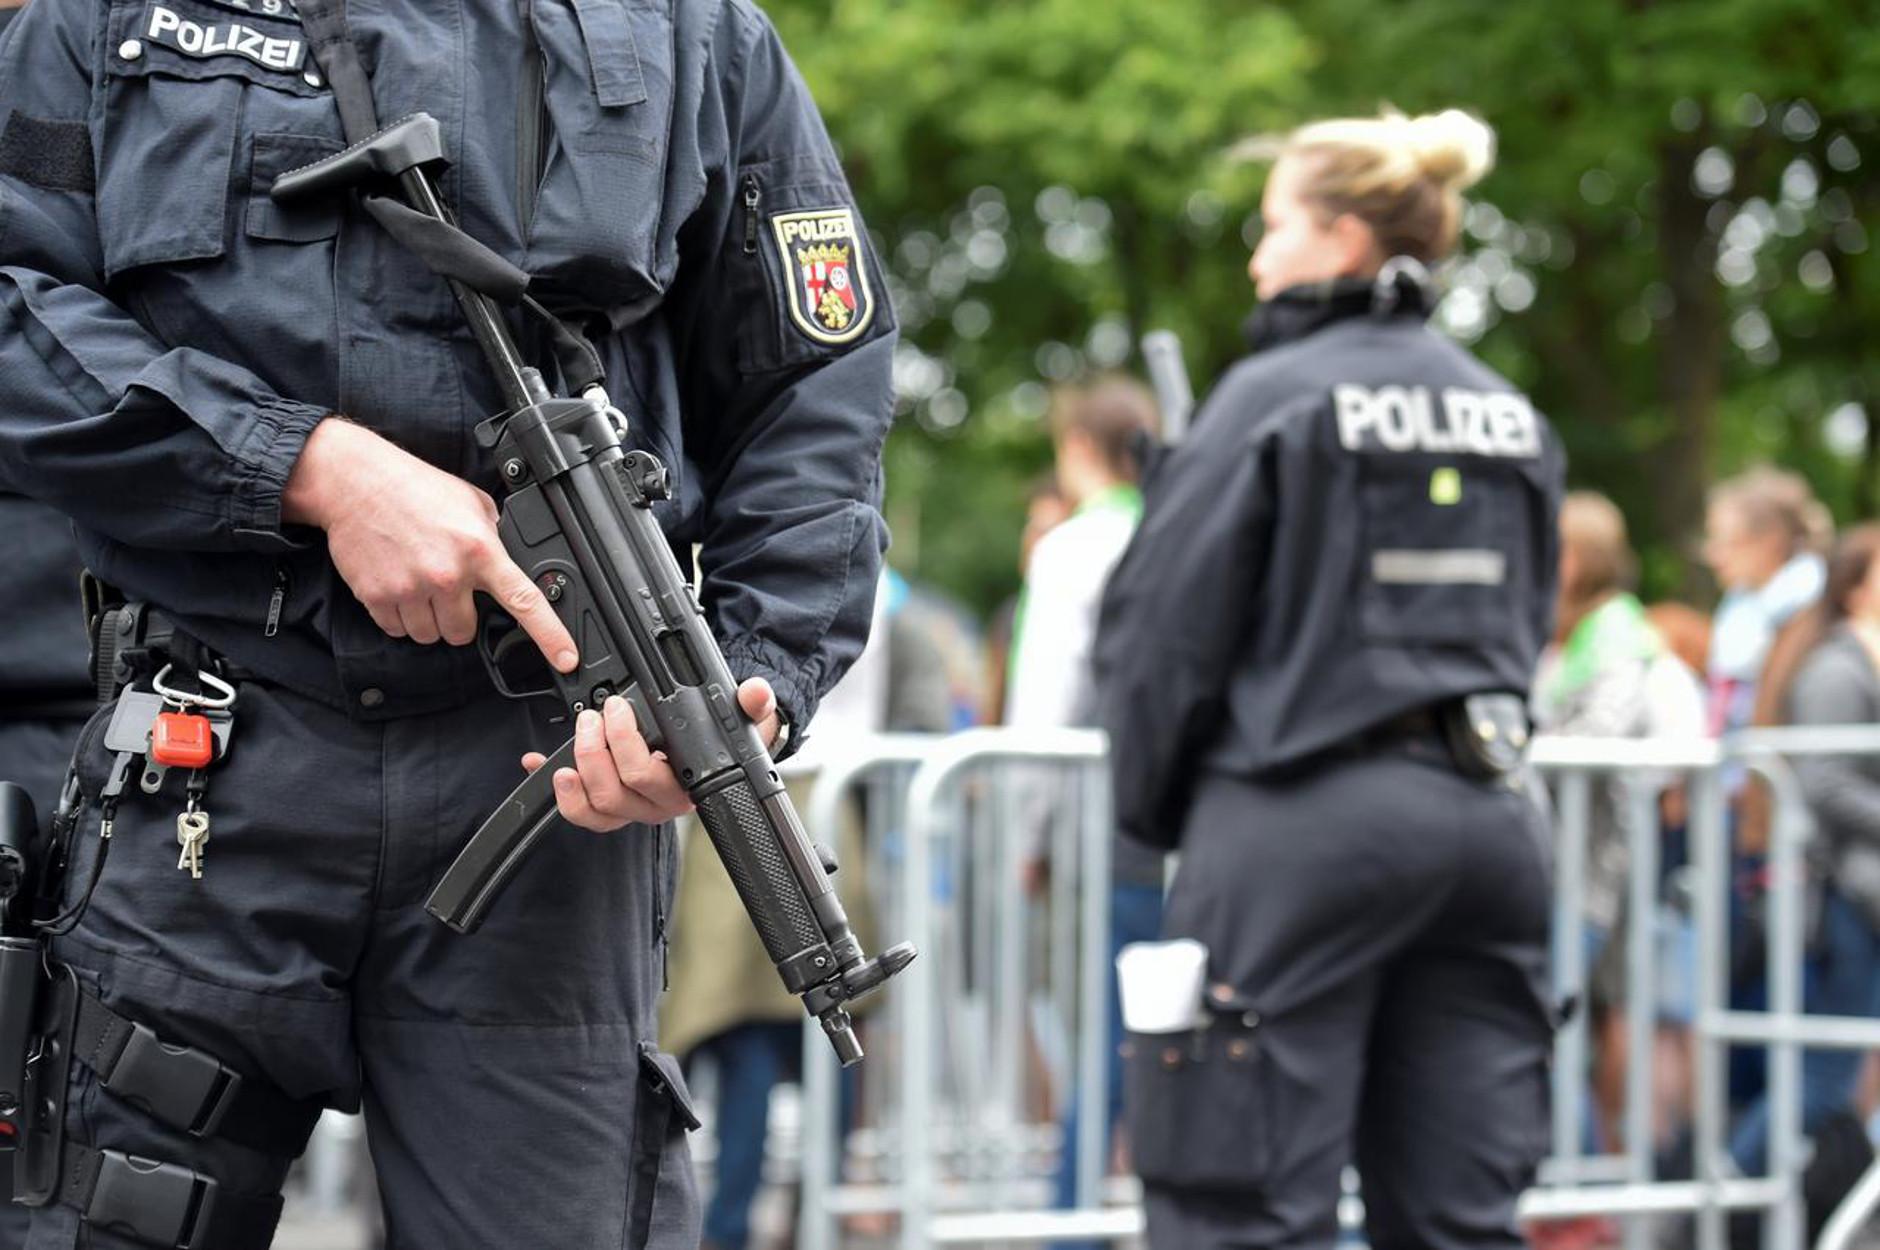 Βερολίνο: Υπό ασφυκτικό κλοιό οι συγκεντρώσεις για την Πρωτομαγιά – Πάνω από 5.000 αστυνομικοί